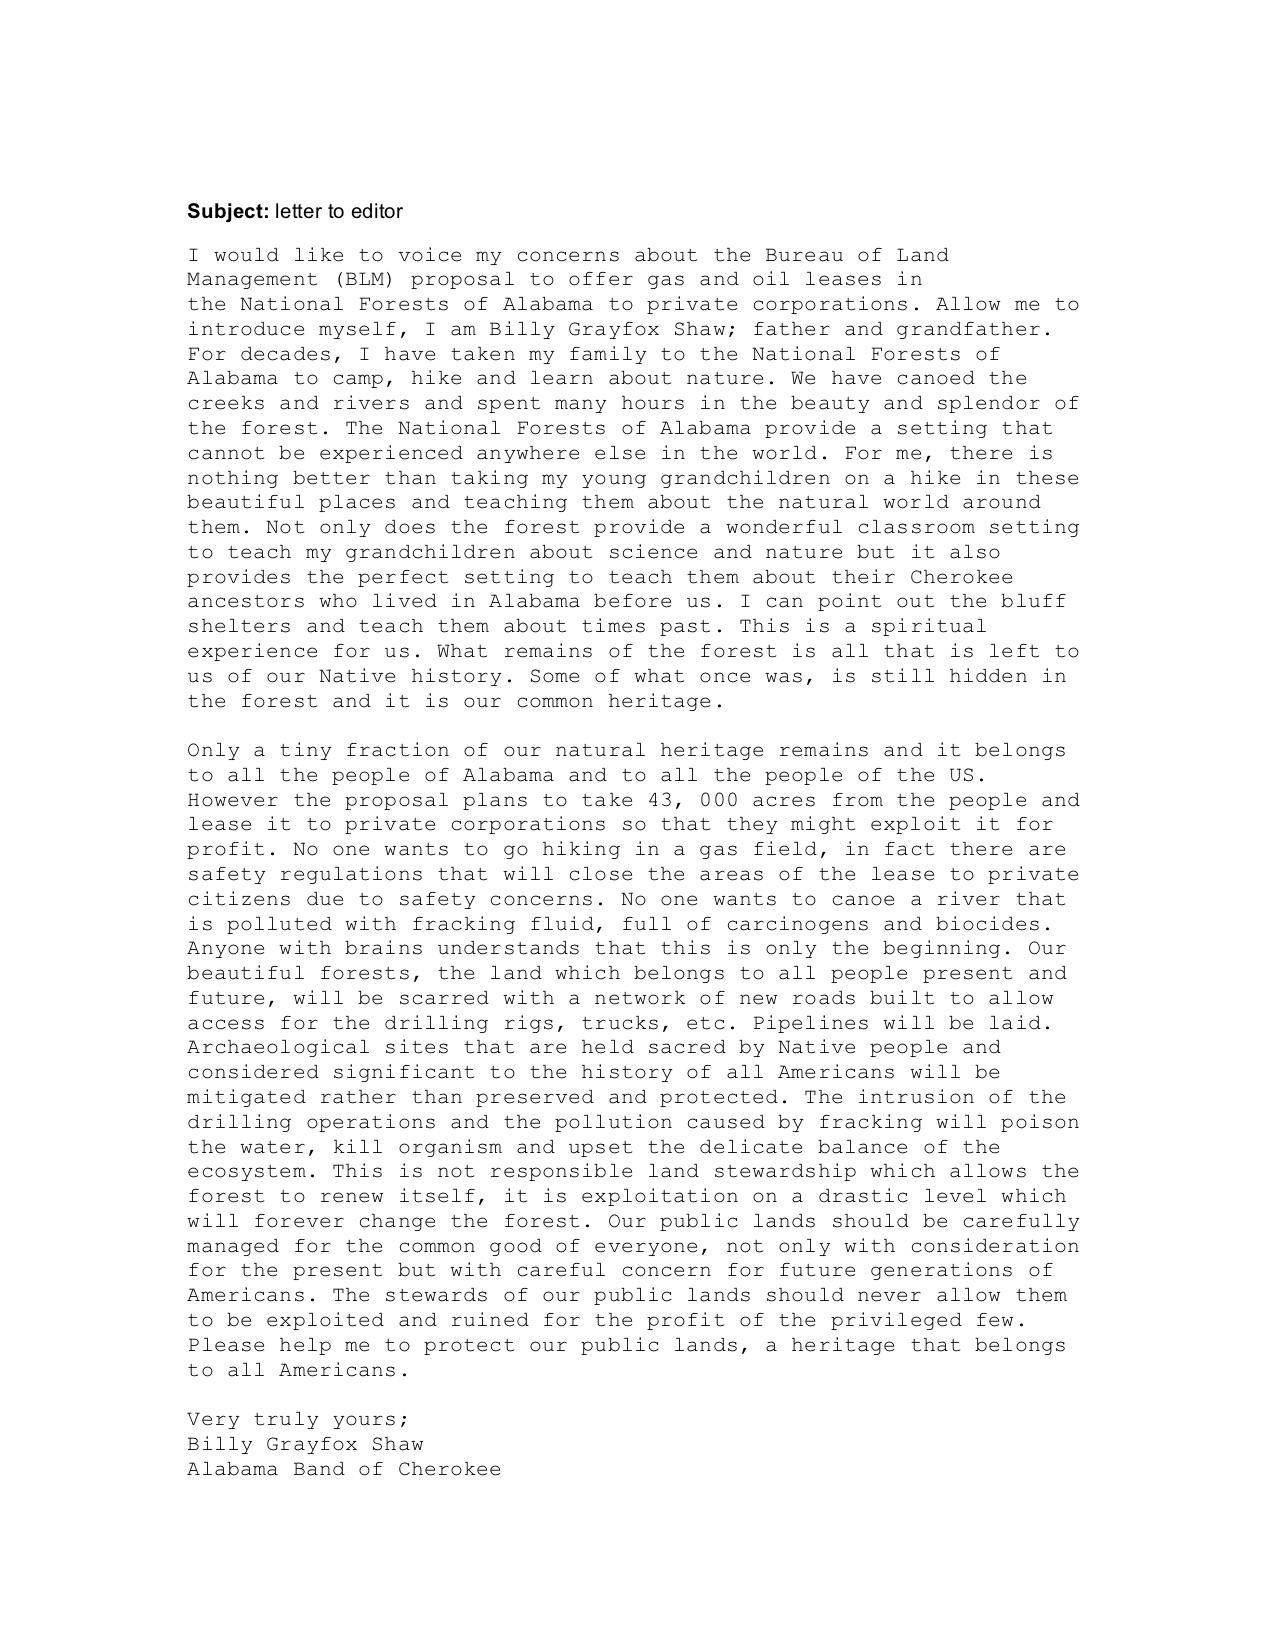 Fracking Letter.jpg